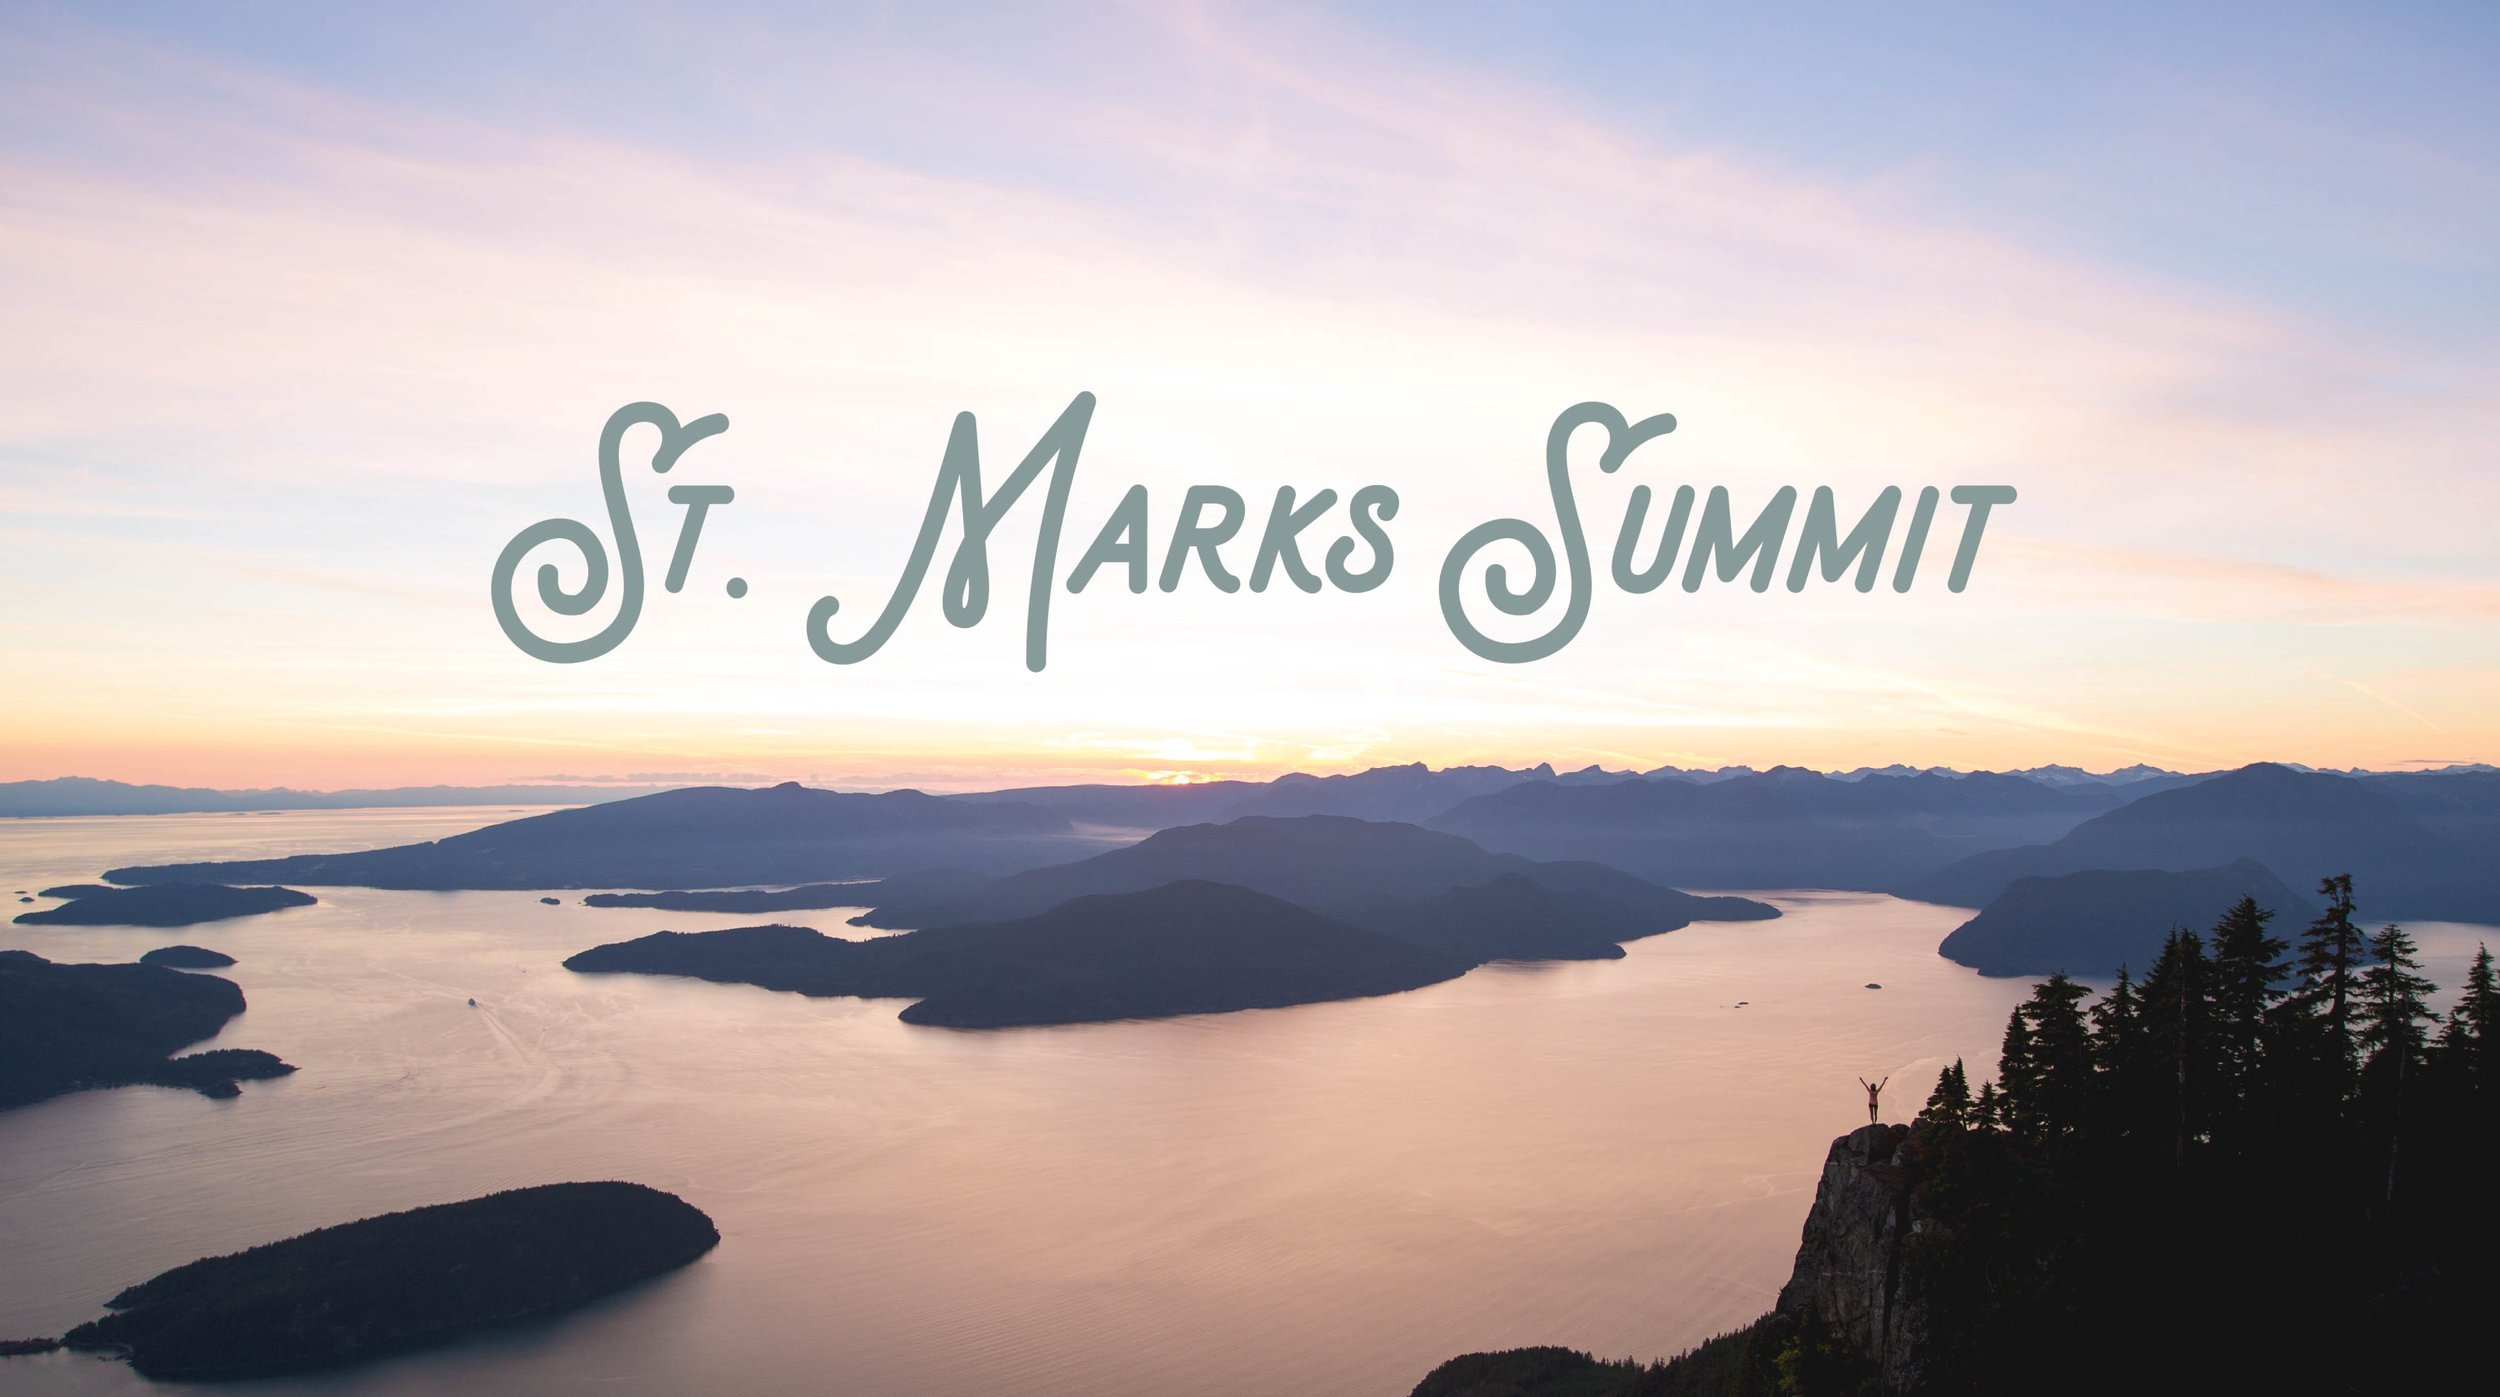 St. Mark's Summit - VancityWild